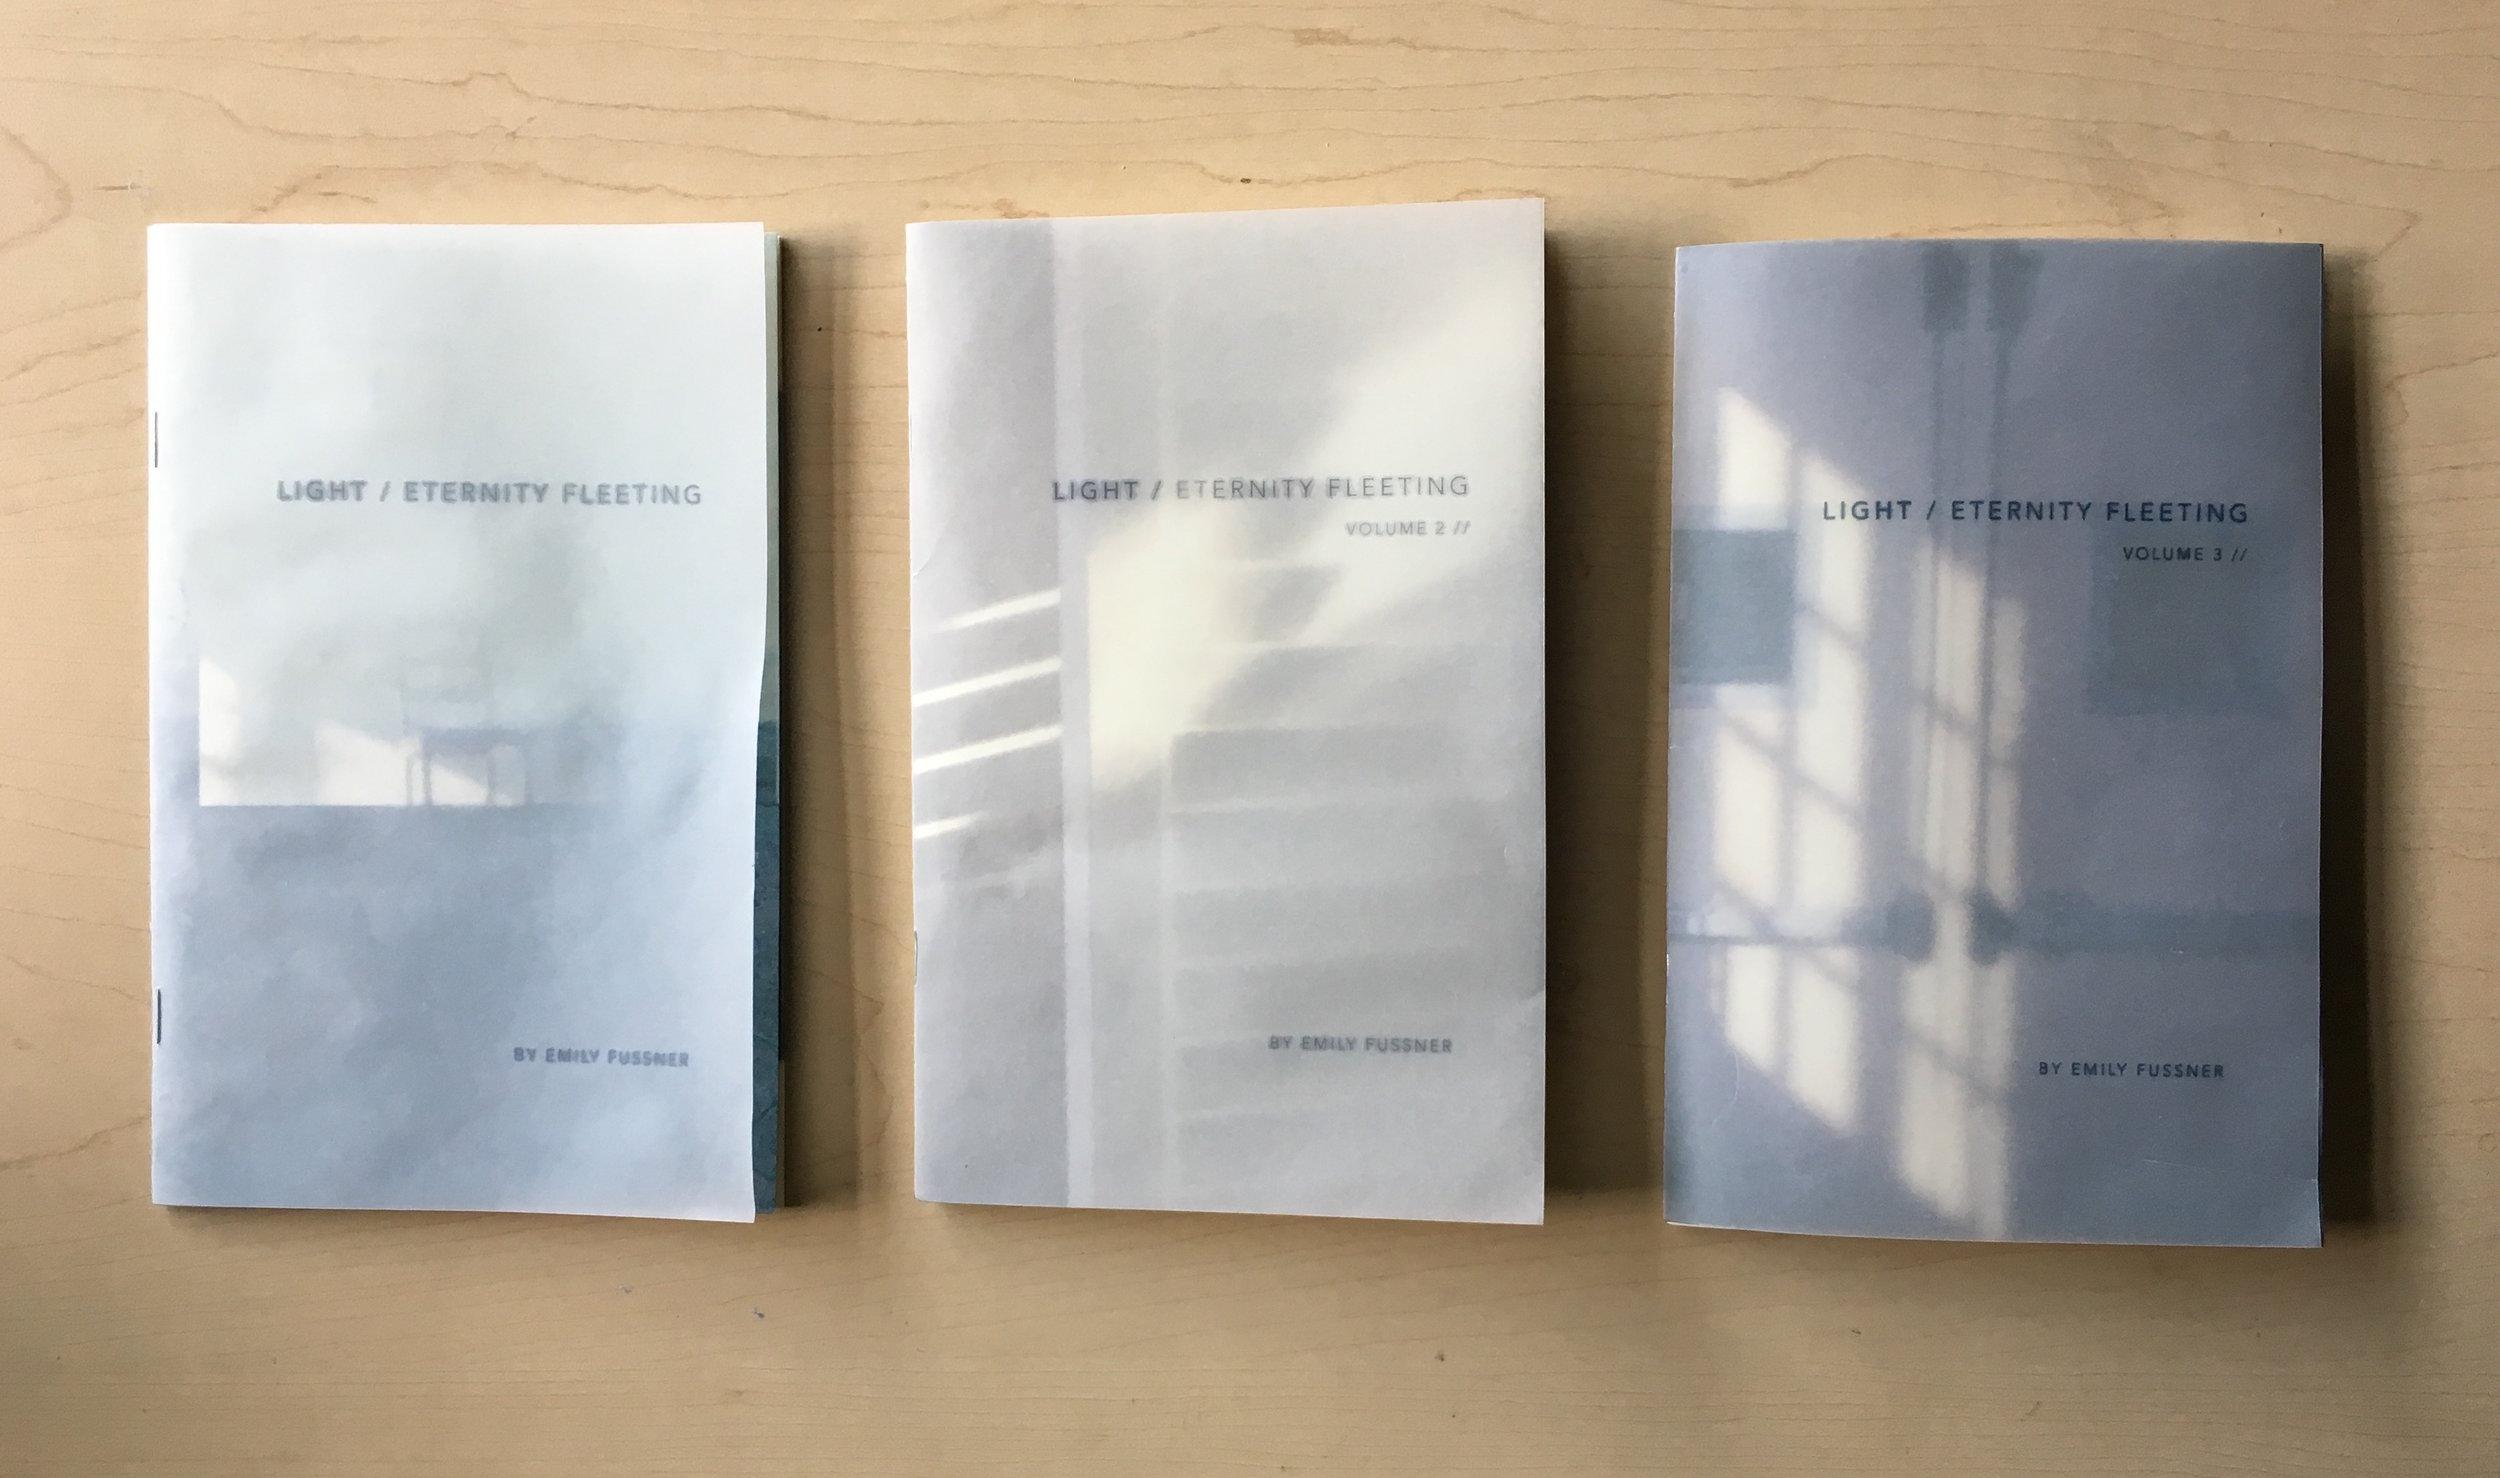 Light-EternityFleeting_books.jpg